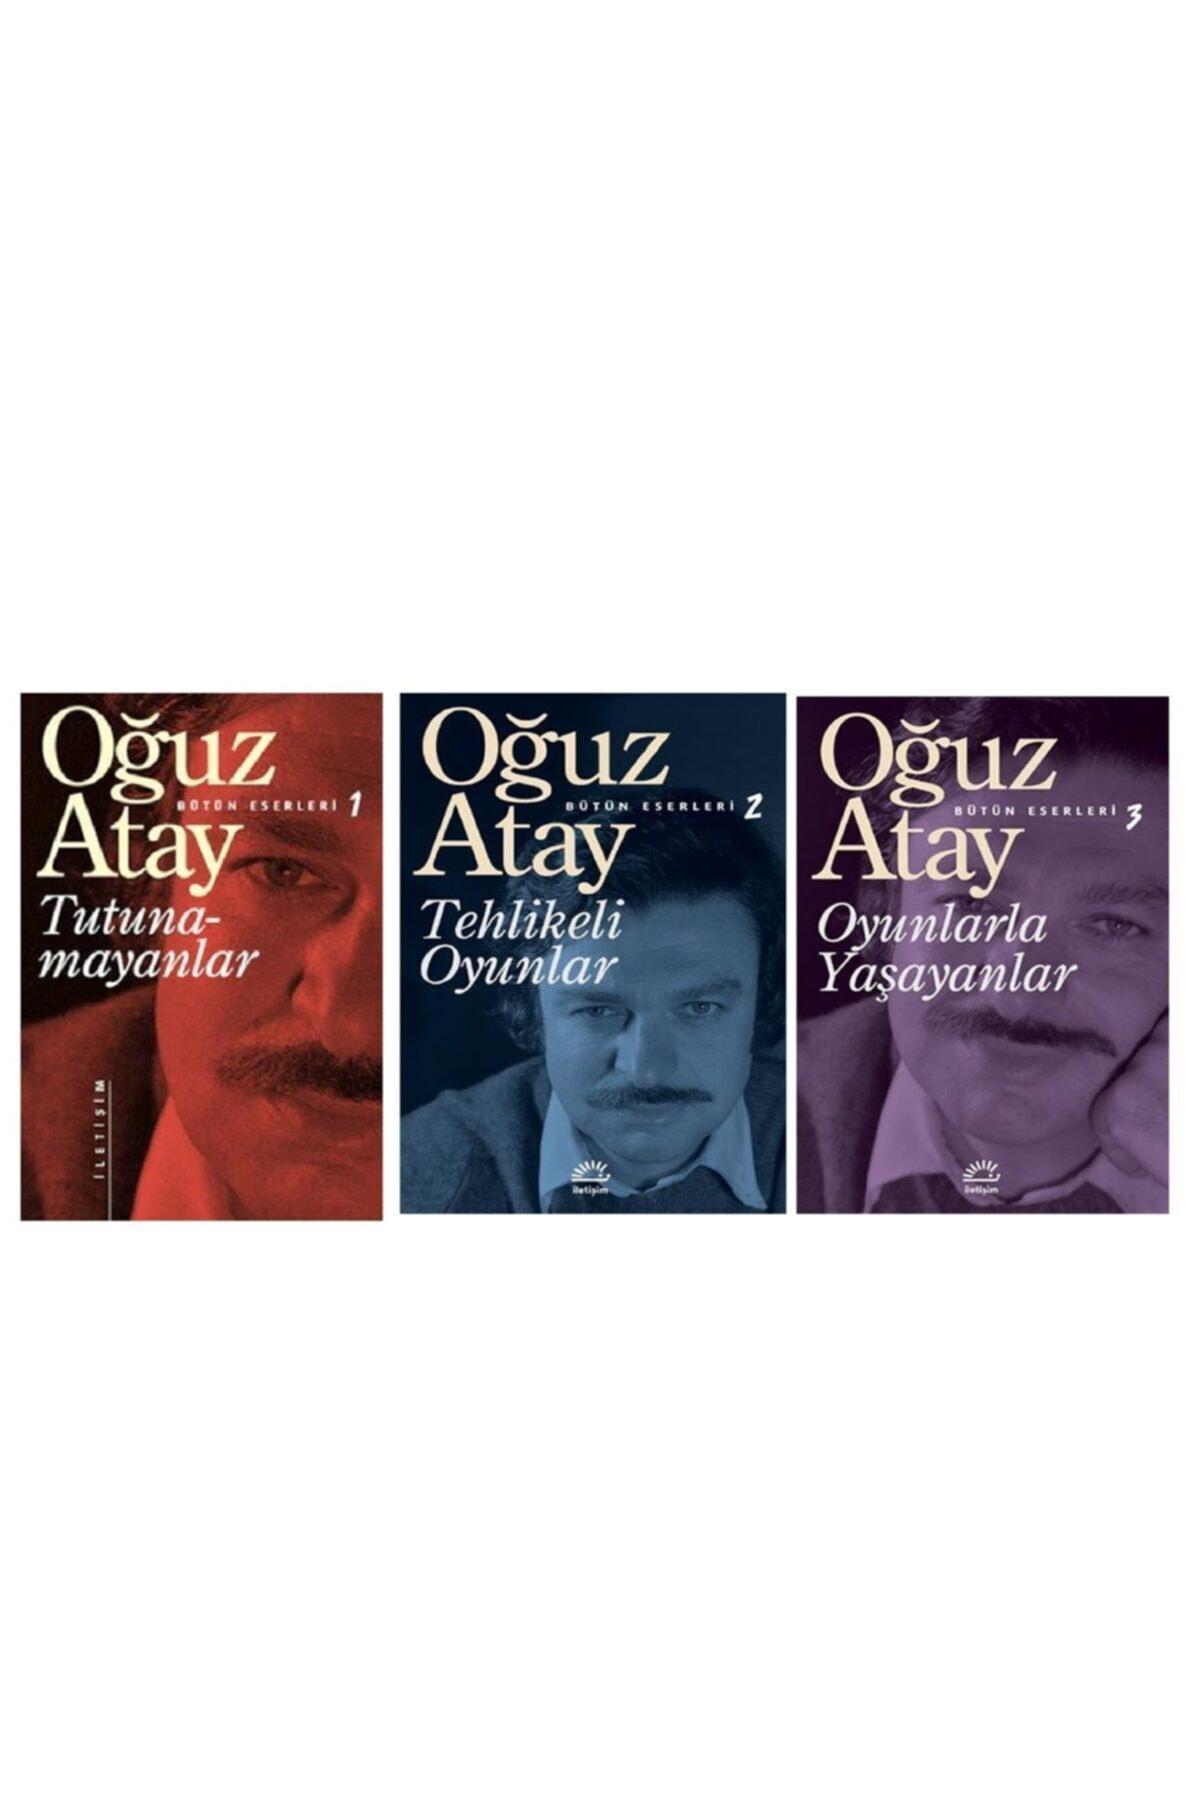 İletişim Yayınları Oğuz Atay 3'lü Seti - Emk-9789754700671 1